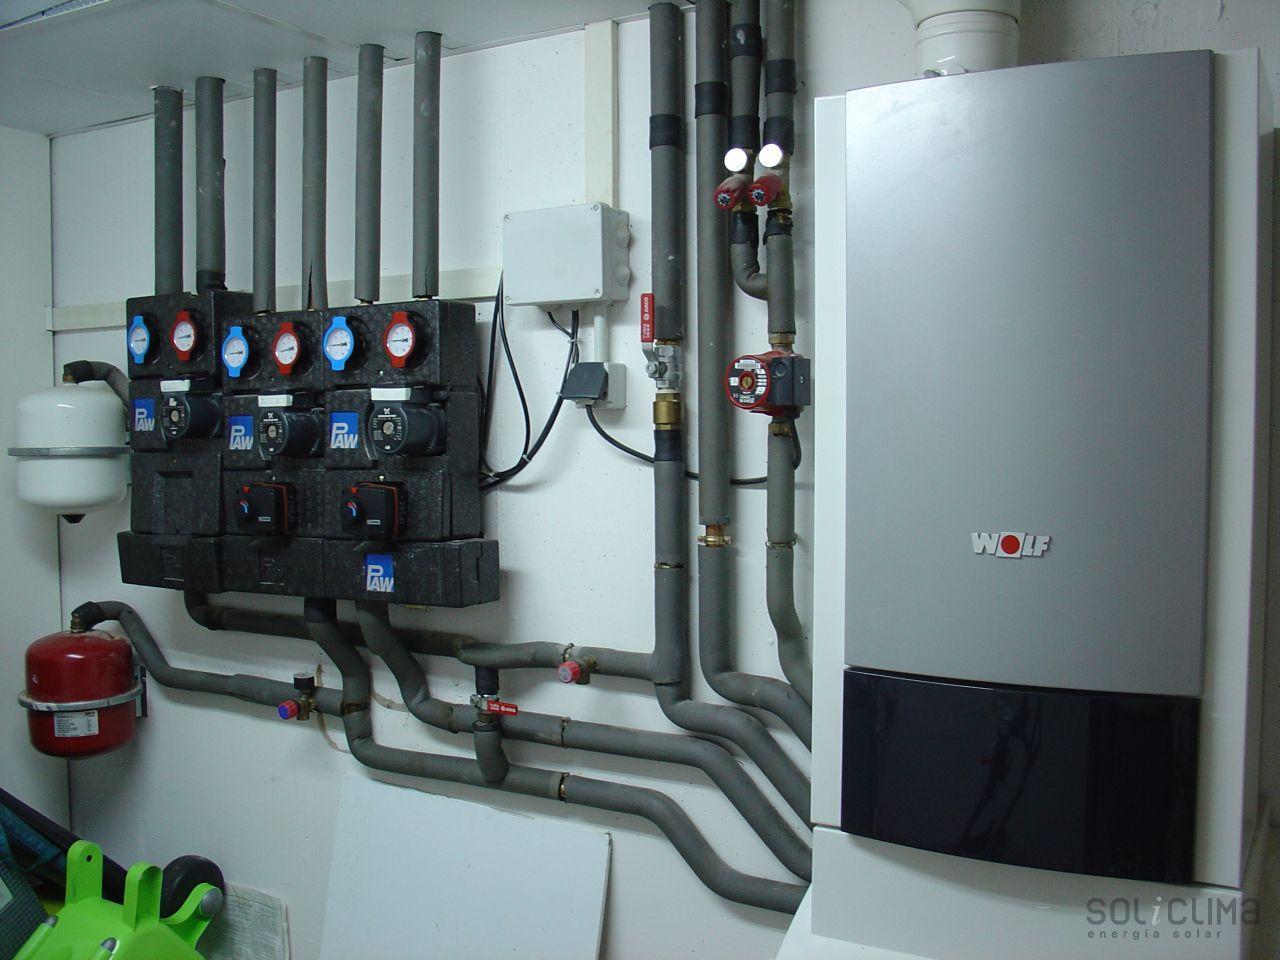 Solucion a los cortes de electricidad for Termostatos inalambricos para calderas de gas